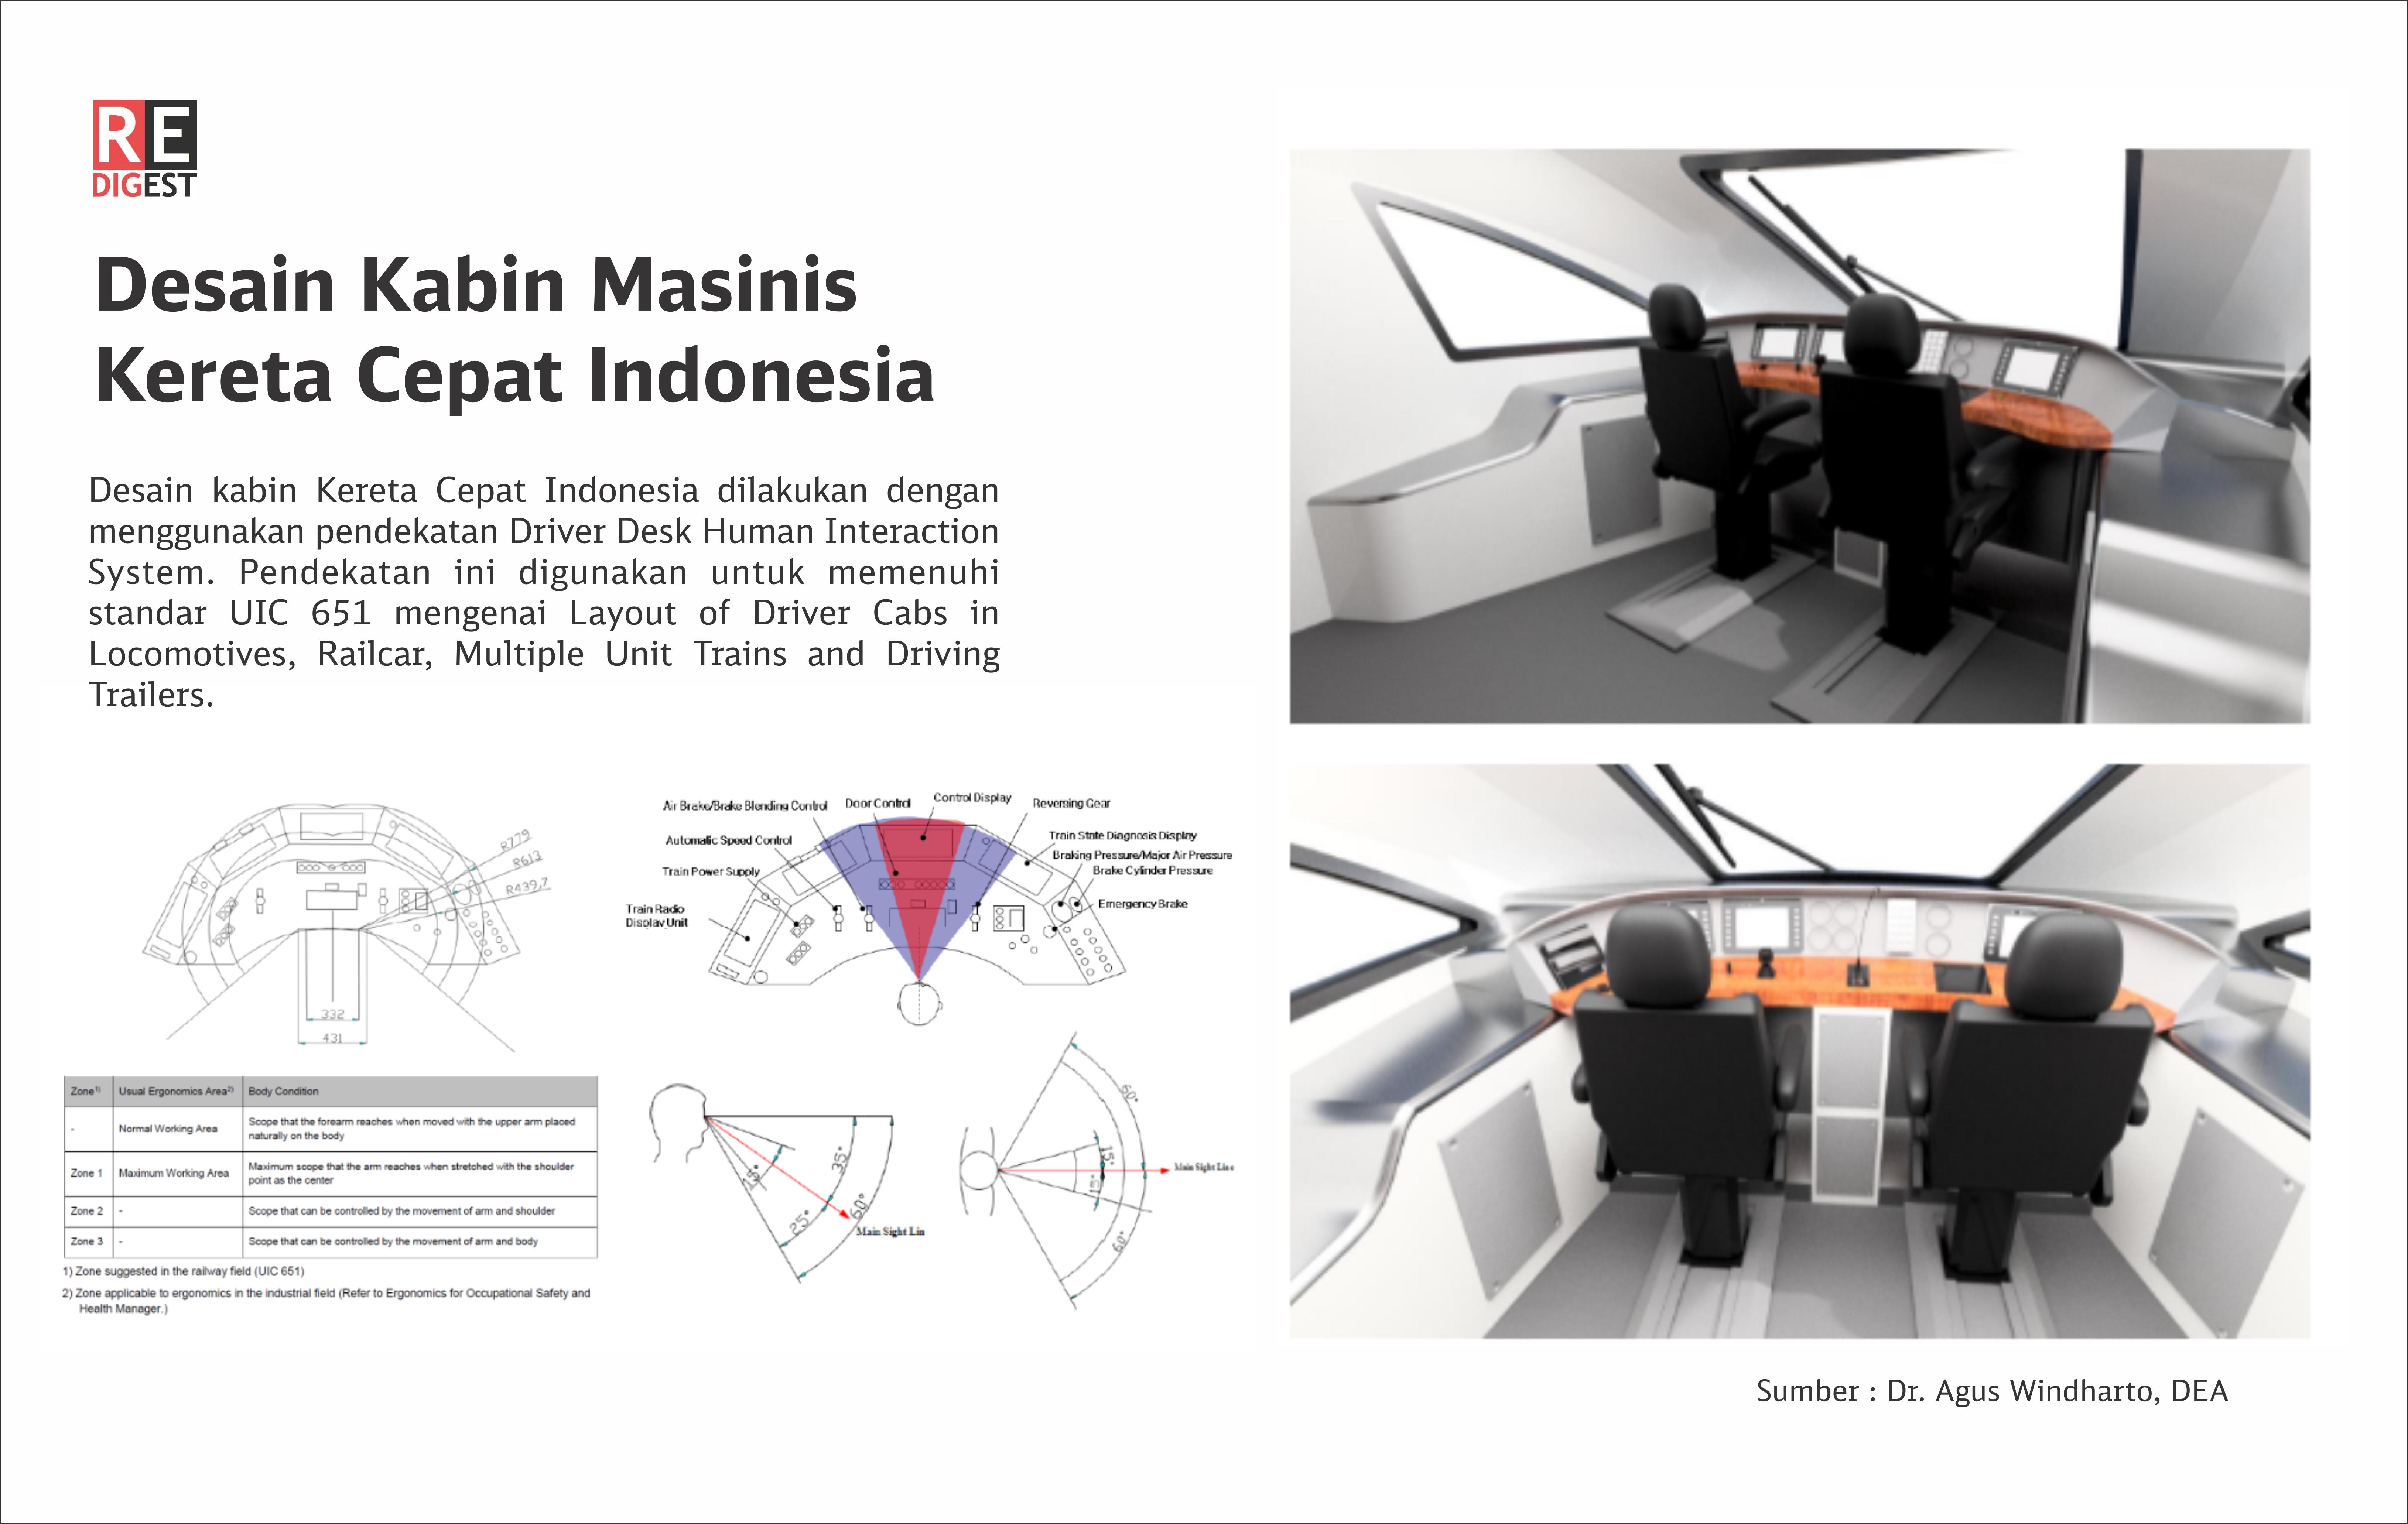 Desain Kabin Masinis Kereta Cepat Indonesia  Infografis Oleh Tim REDaksi